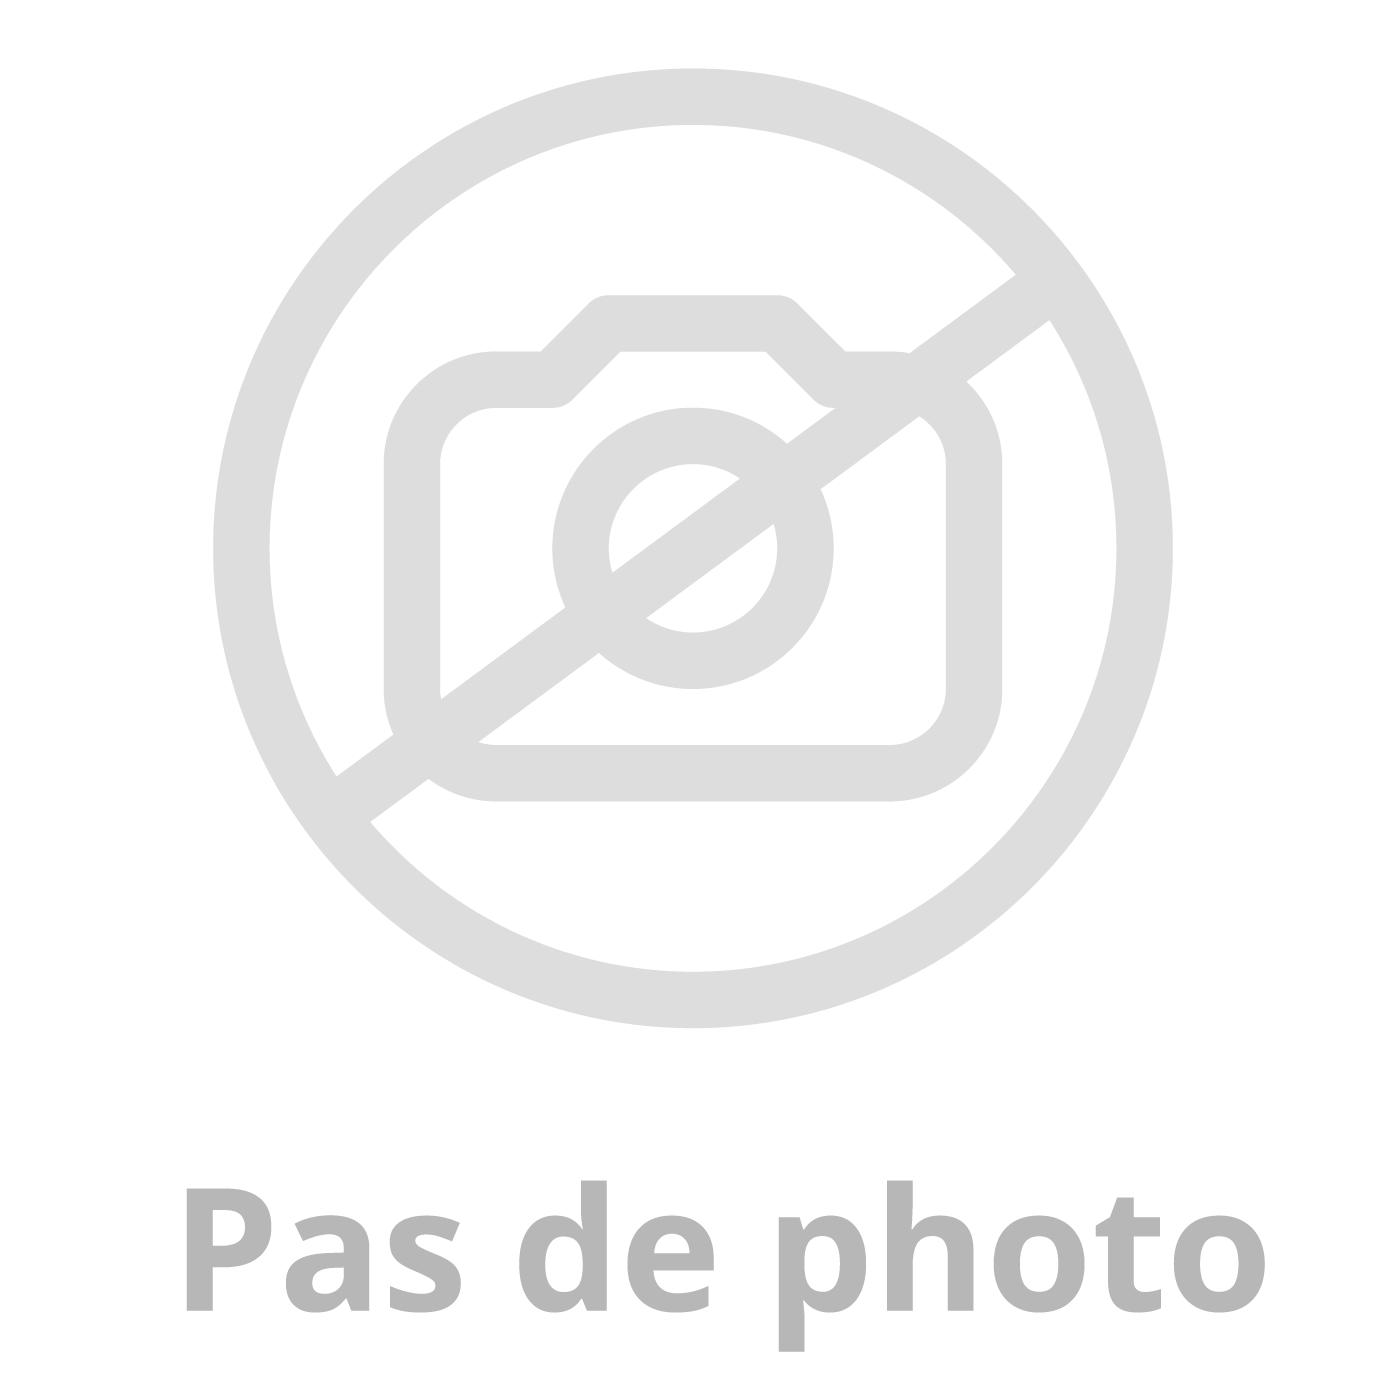 Sac Esprit Eco papier kraft brun cabas 35x14x36cm